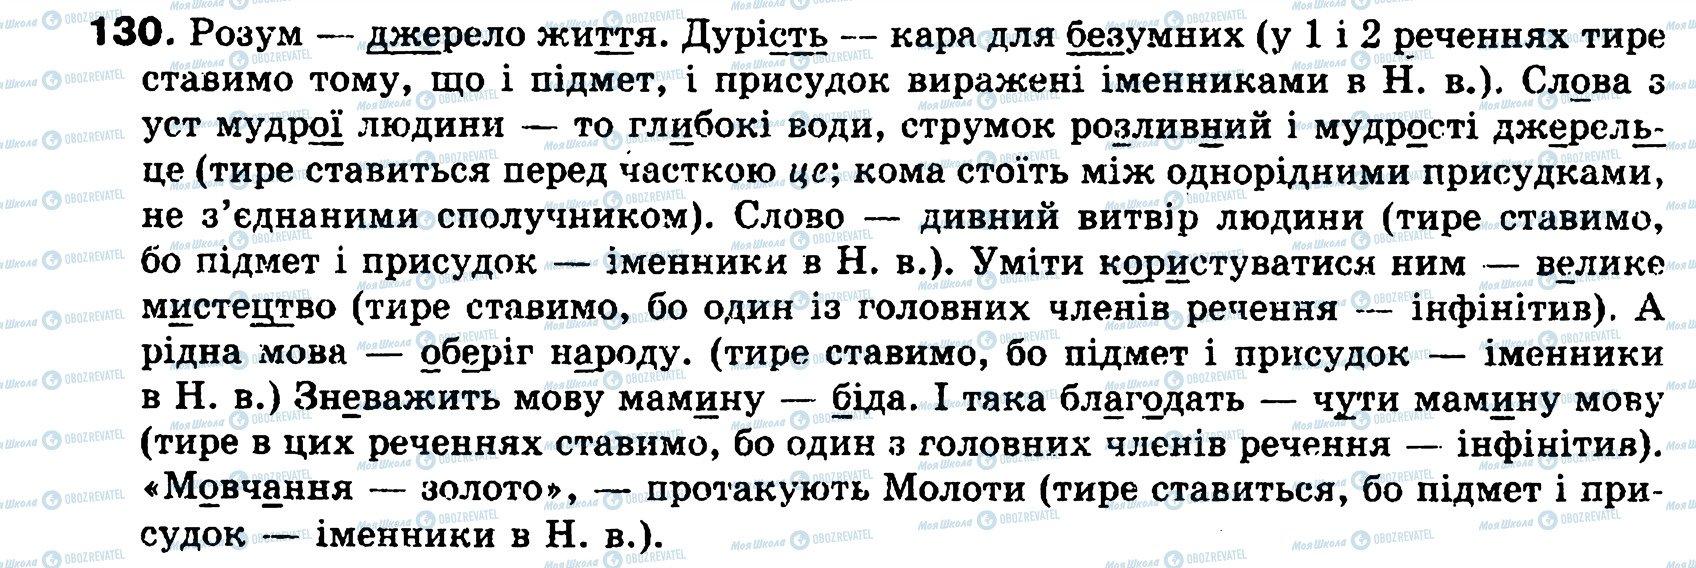 ГДЗ Українська мова 8 клас сторінка 130